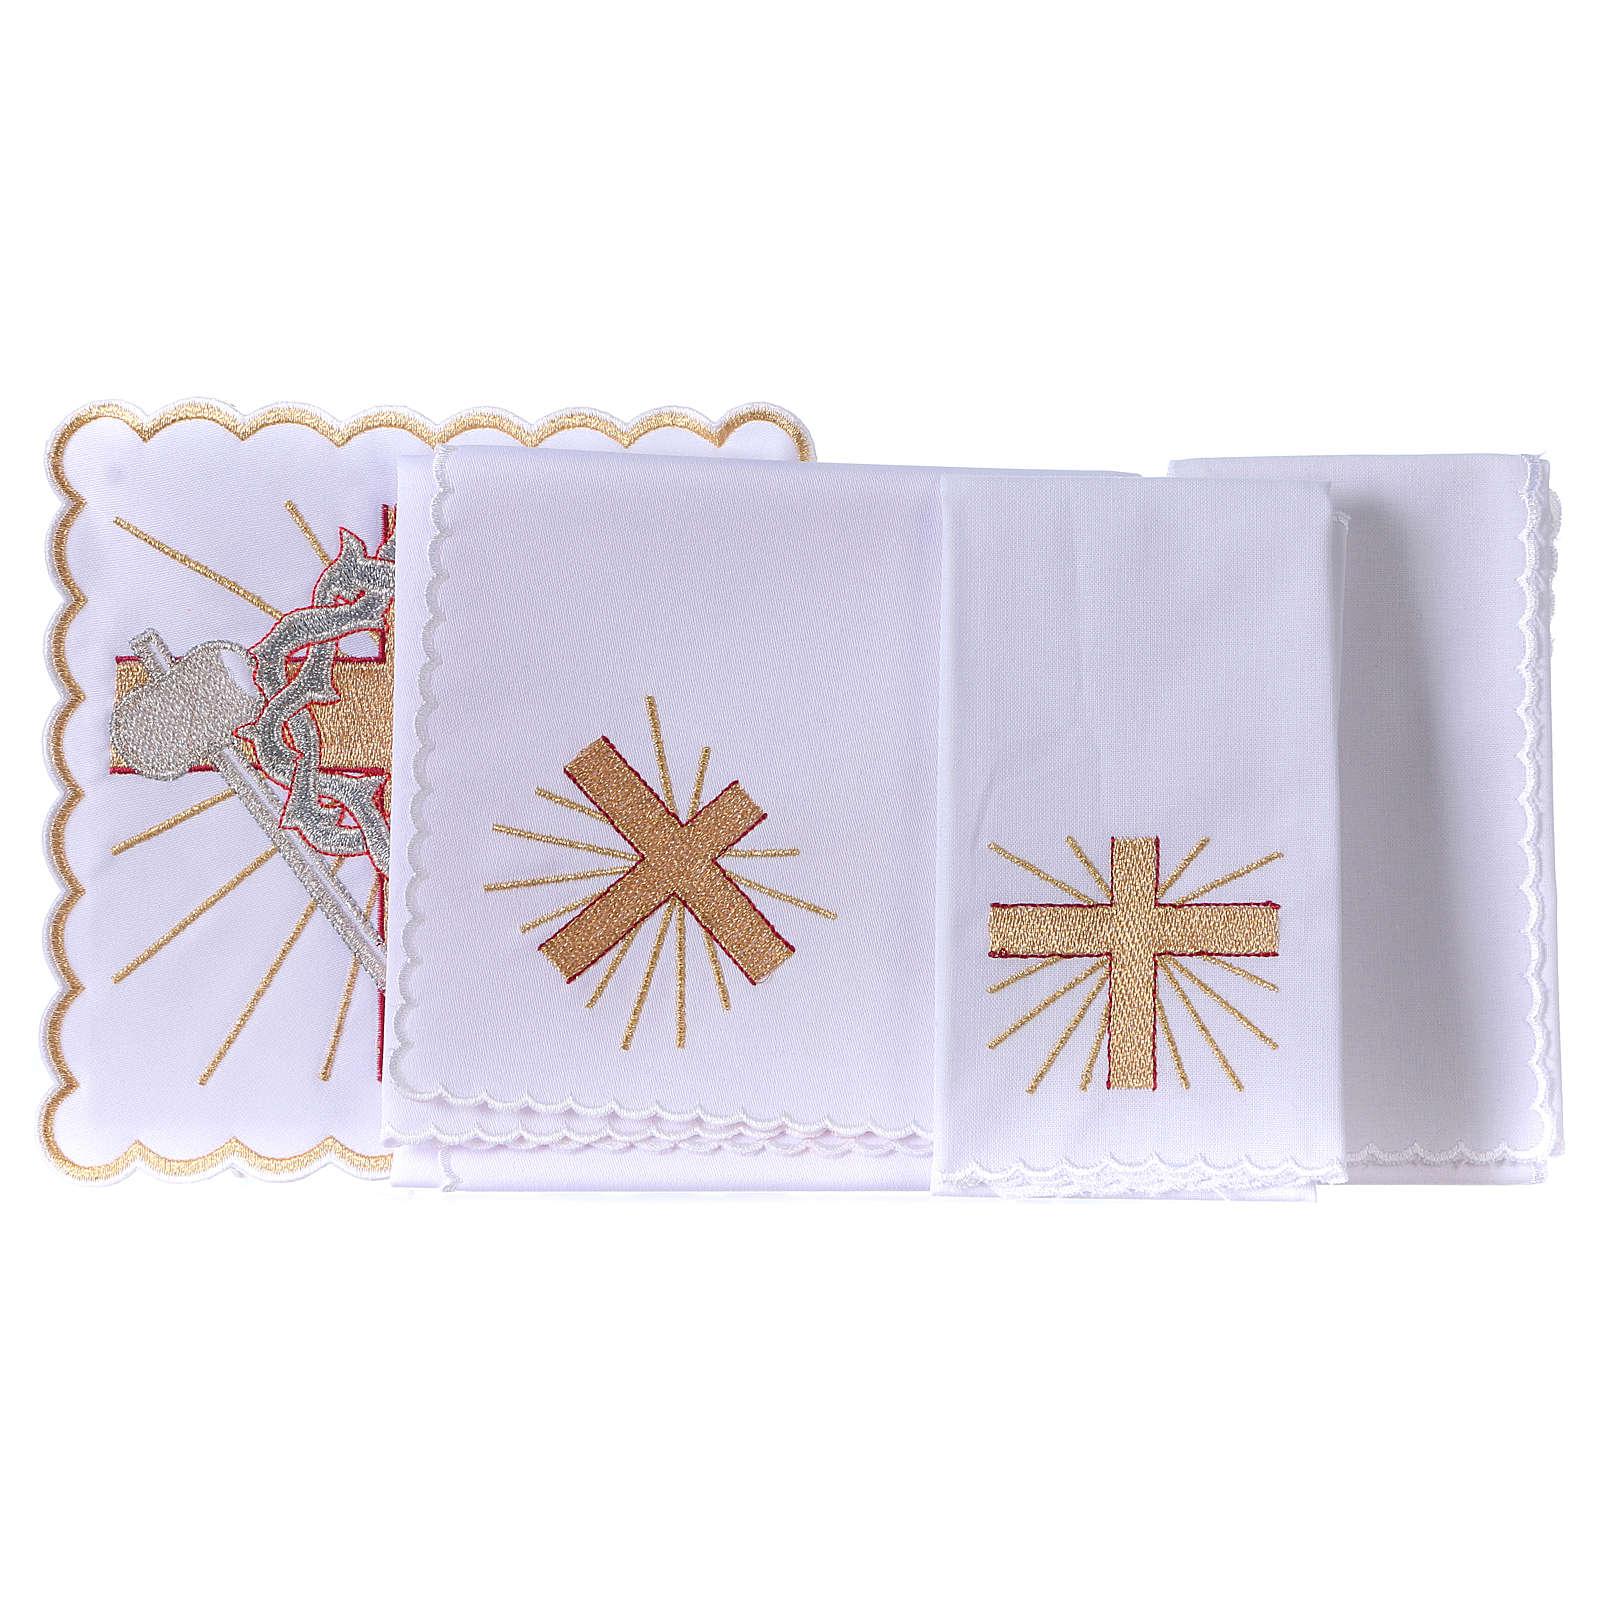 Conjunto alfaia litúrgica algodão cruz lança coroa de espinhas 4